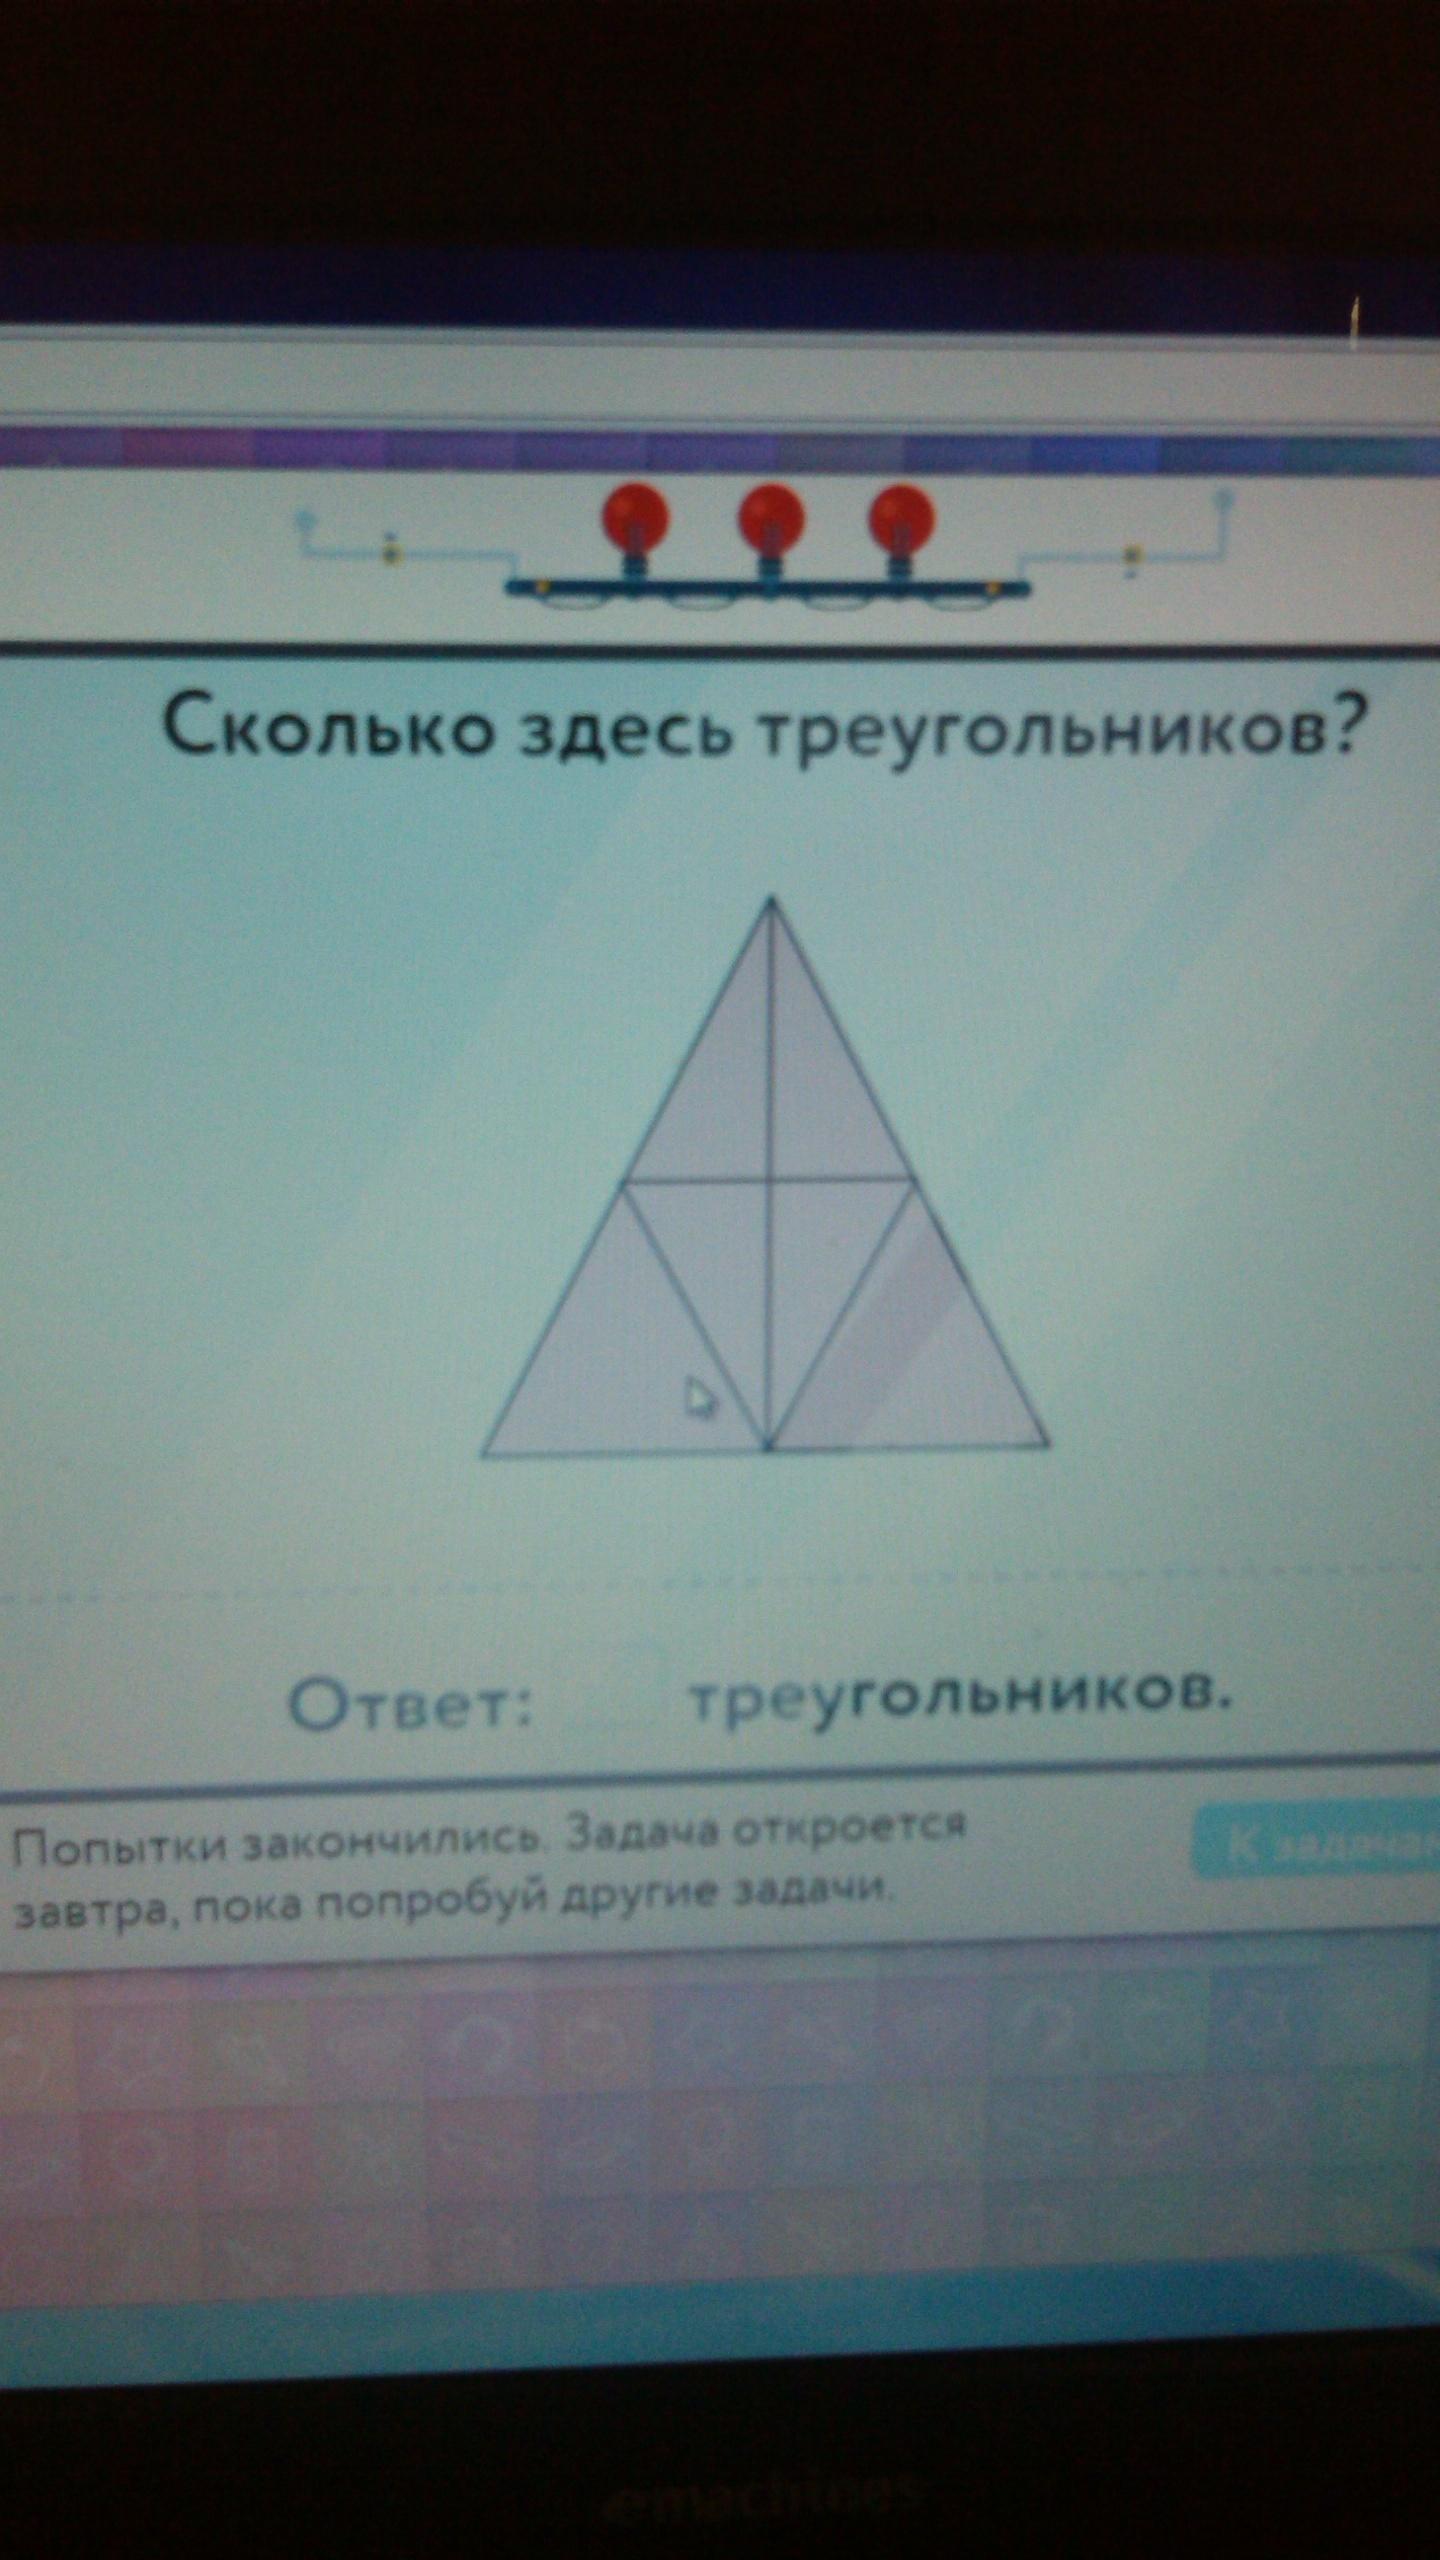 Сколько здесь треугольников?????